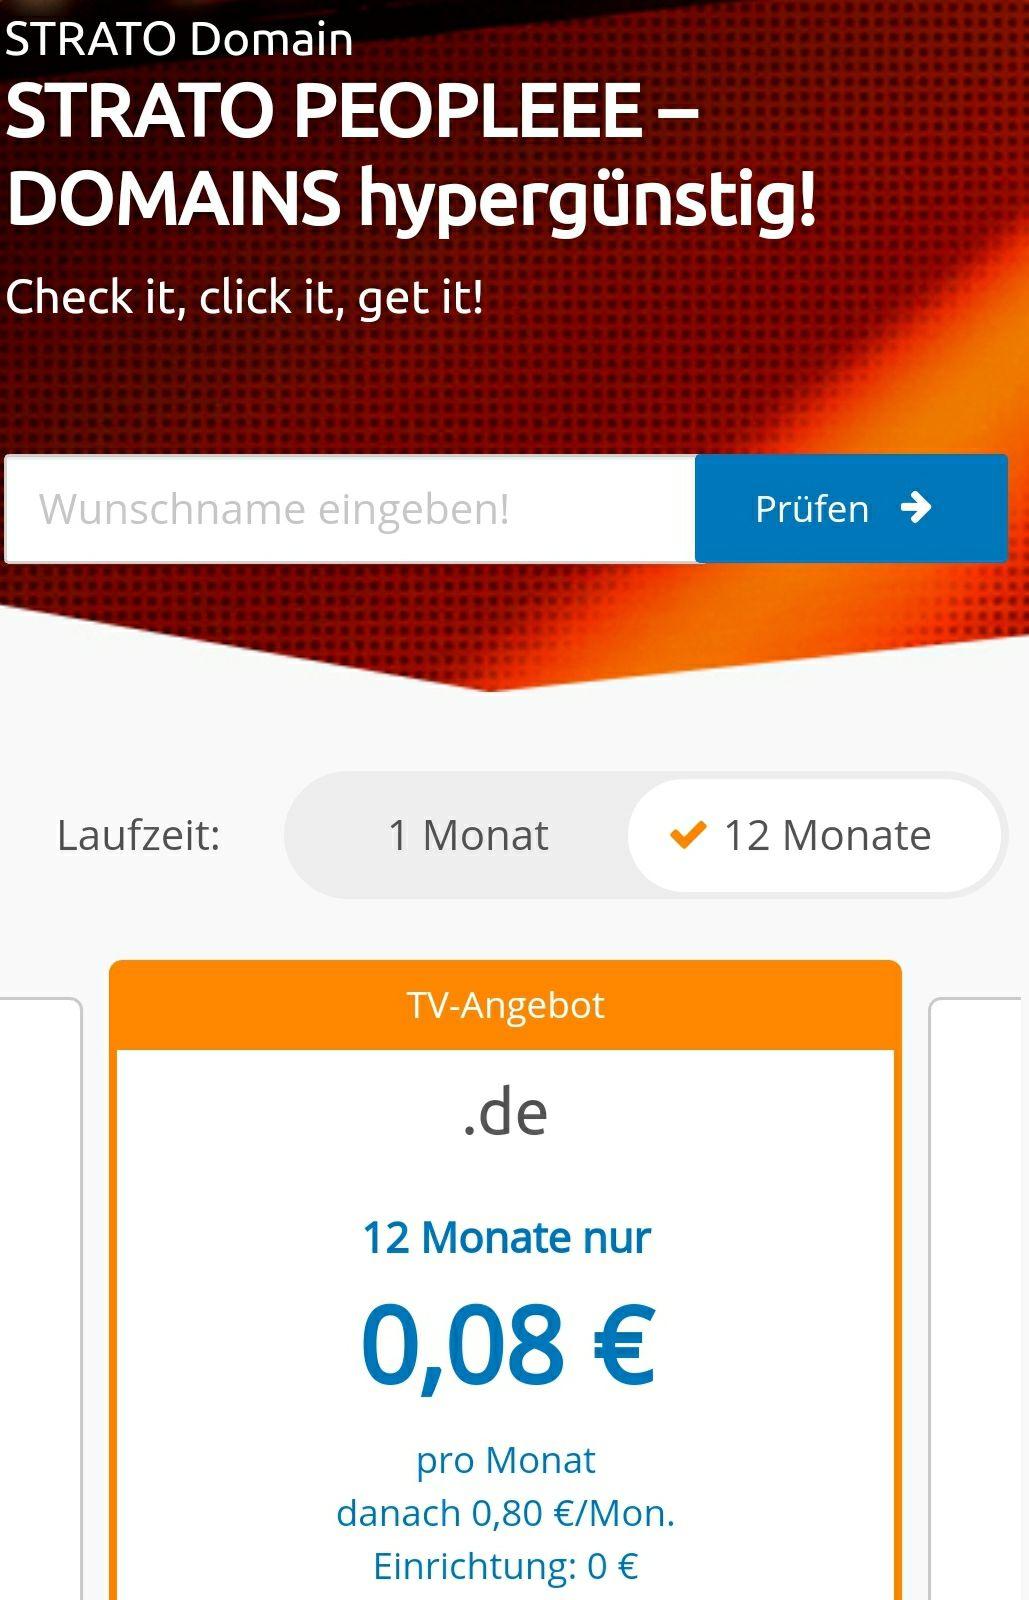 .de Domain bei Strato für 0,08€ pro Monat (0,96€/Jahr) inkl. 2GB Mail-Account für 12 Monate